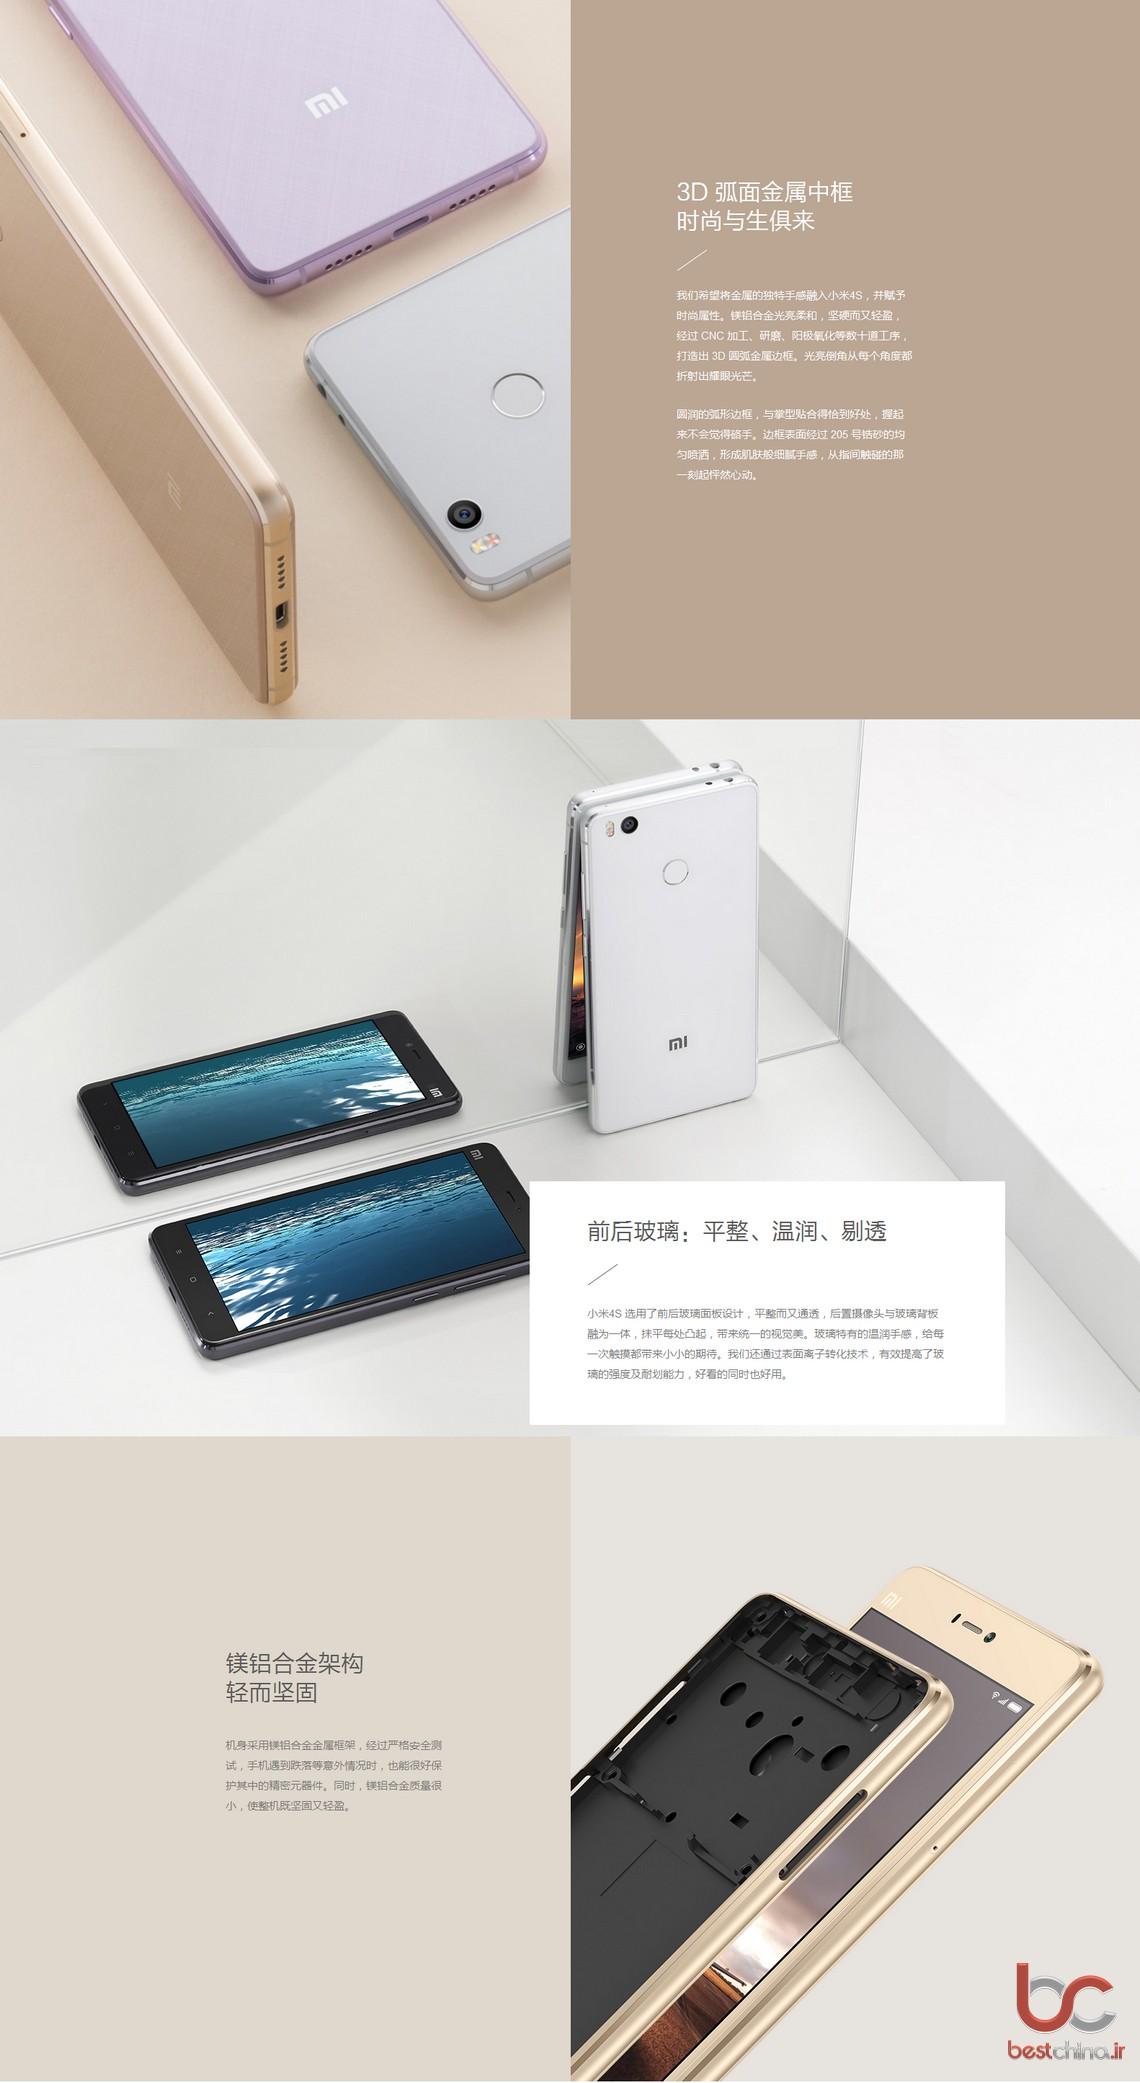 Xiaomi Mi 4s (7)